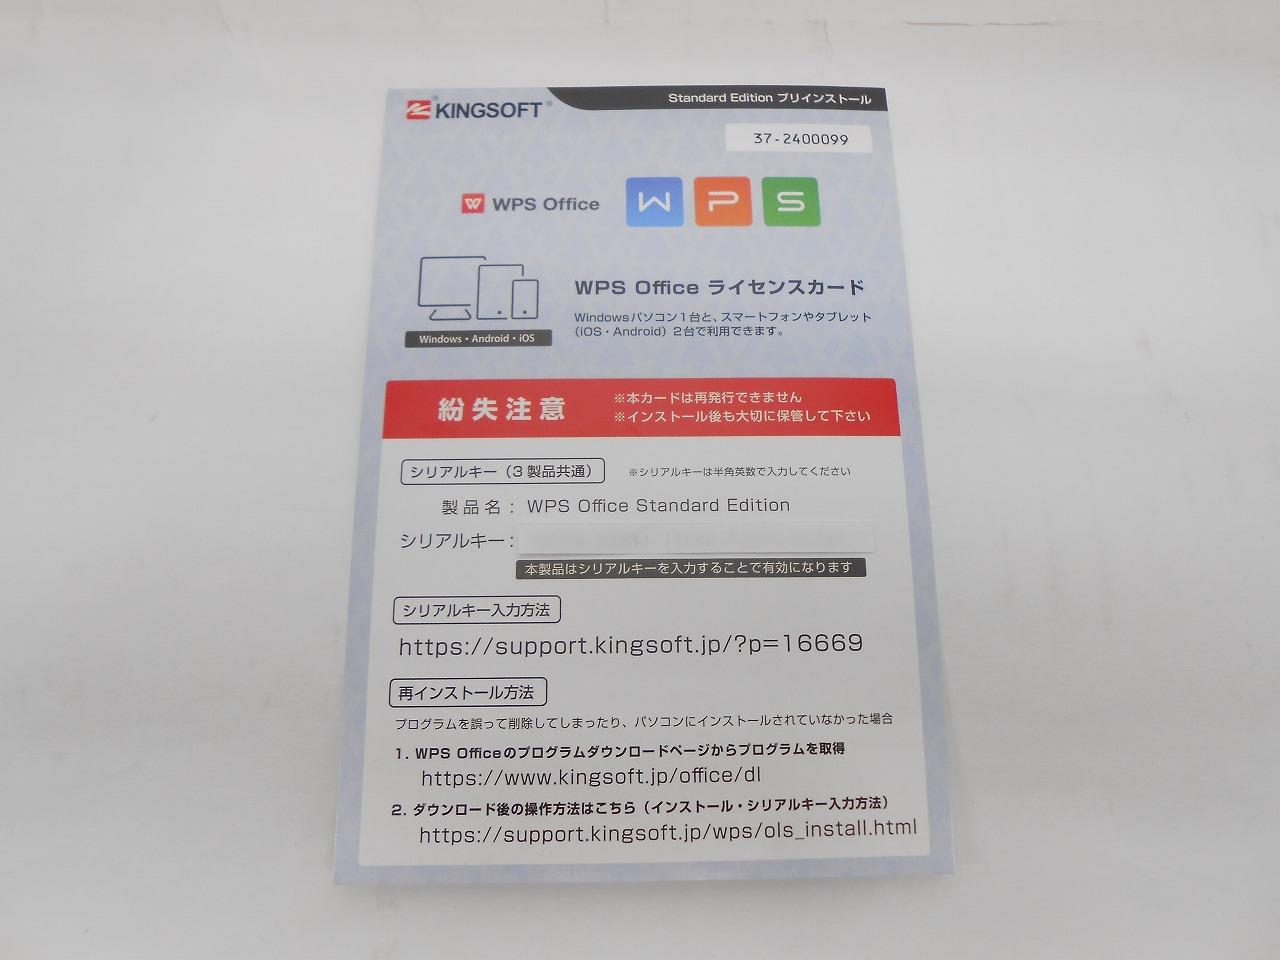 【テレワーク応援】【中古】【WPSOffice付】Panasonic Let'snote CF-SZ5/2015年モデル/Corei3 6100U 2.3GHz/メモリ4GB/SATA320GB/12インチ/Windows10Pro【3ヶ月保証】【足立店発送】